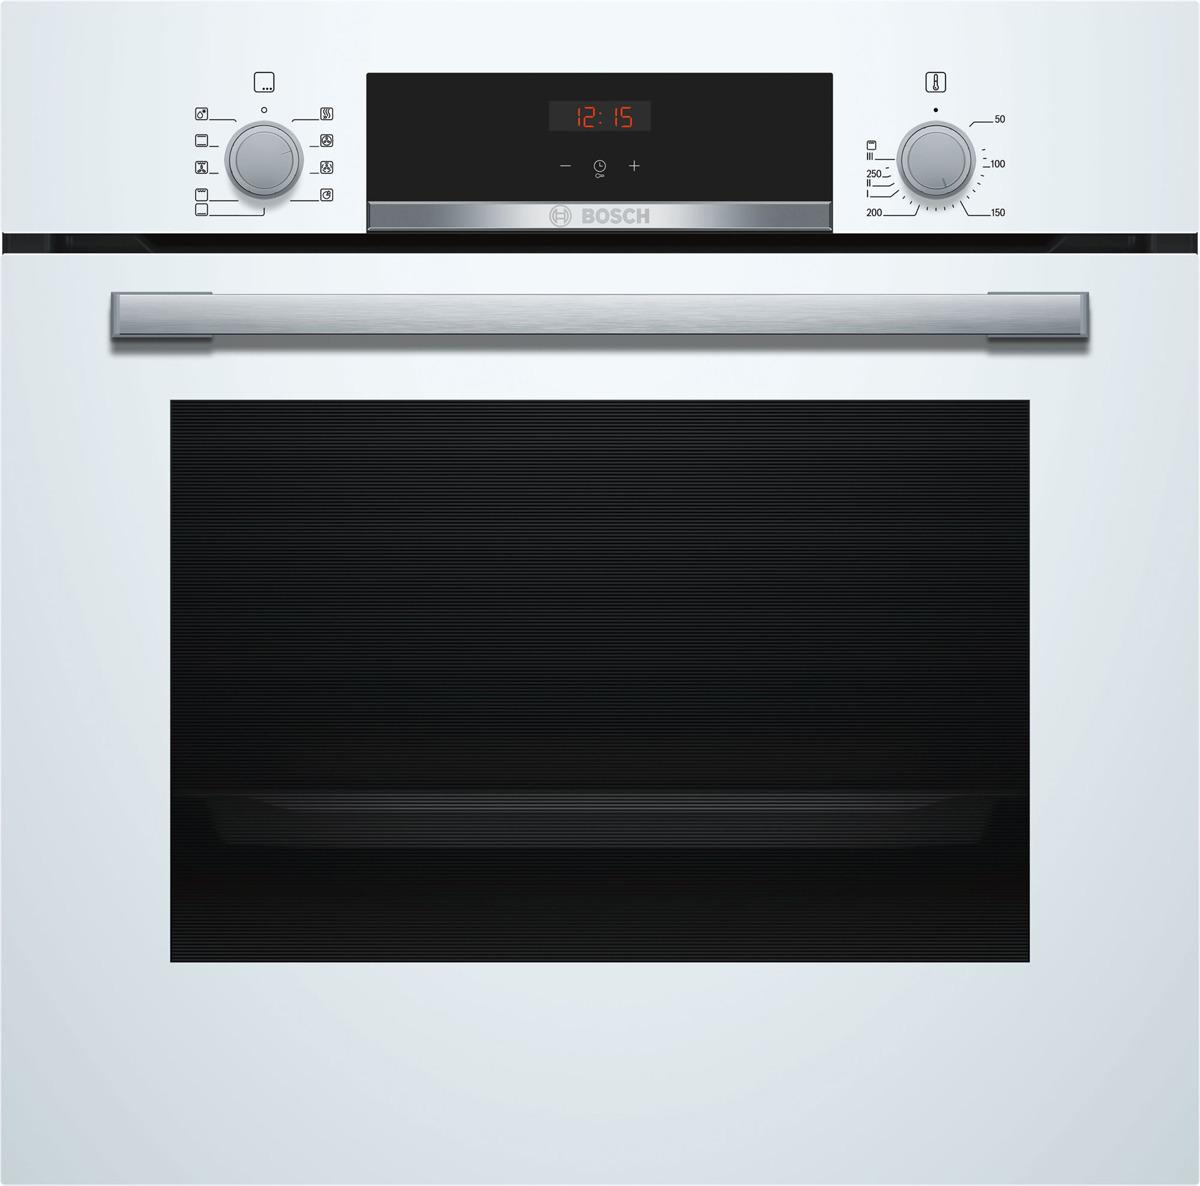 Духовой шкаф электрический встраиваемый Bosch Serie 4 HBF534EW0R